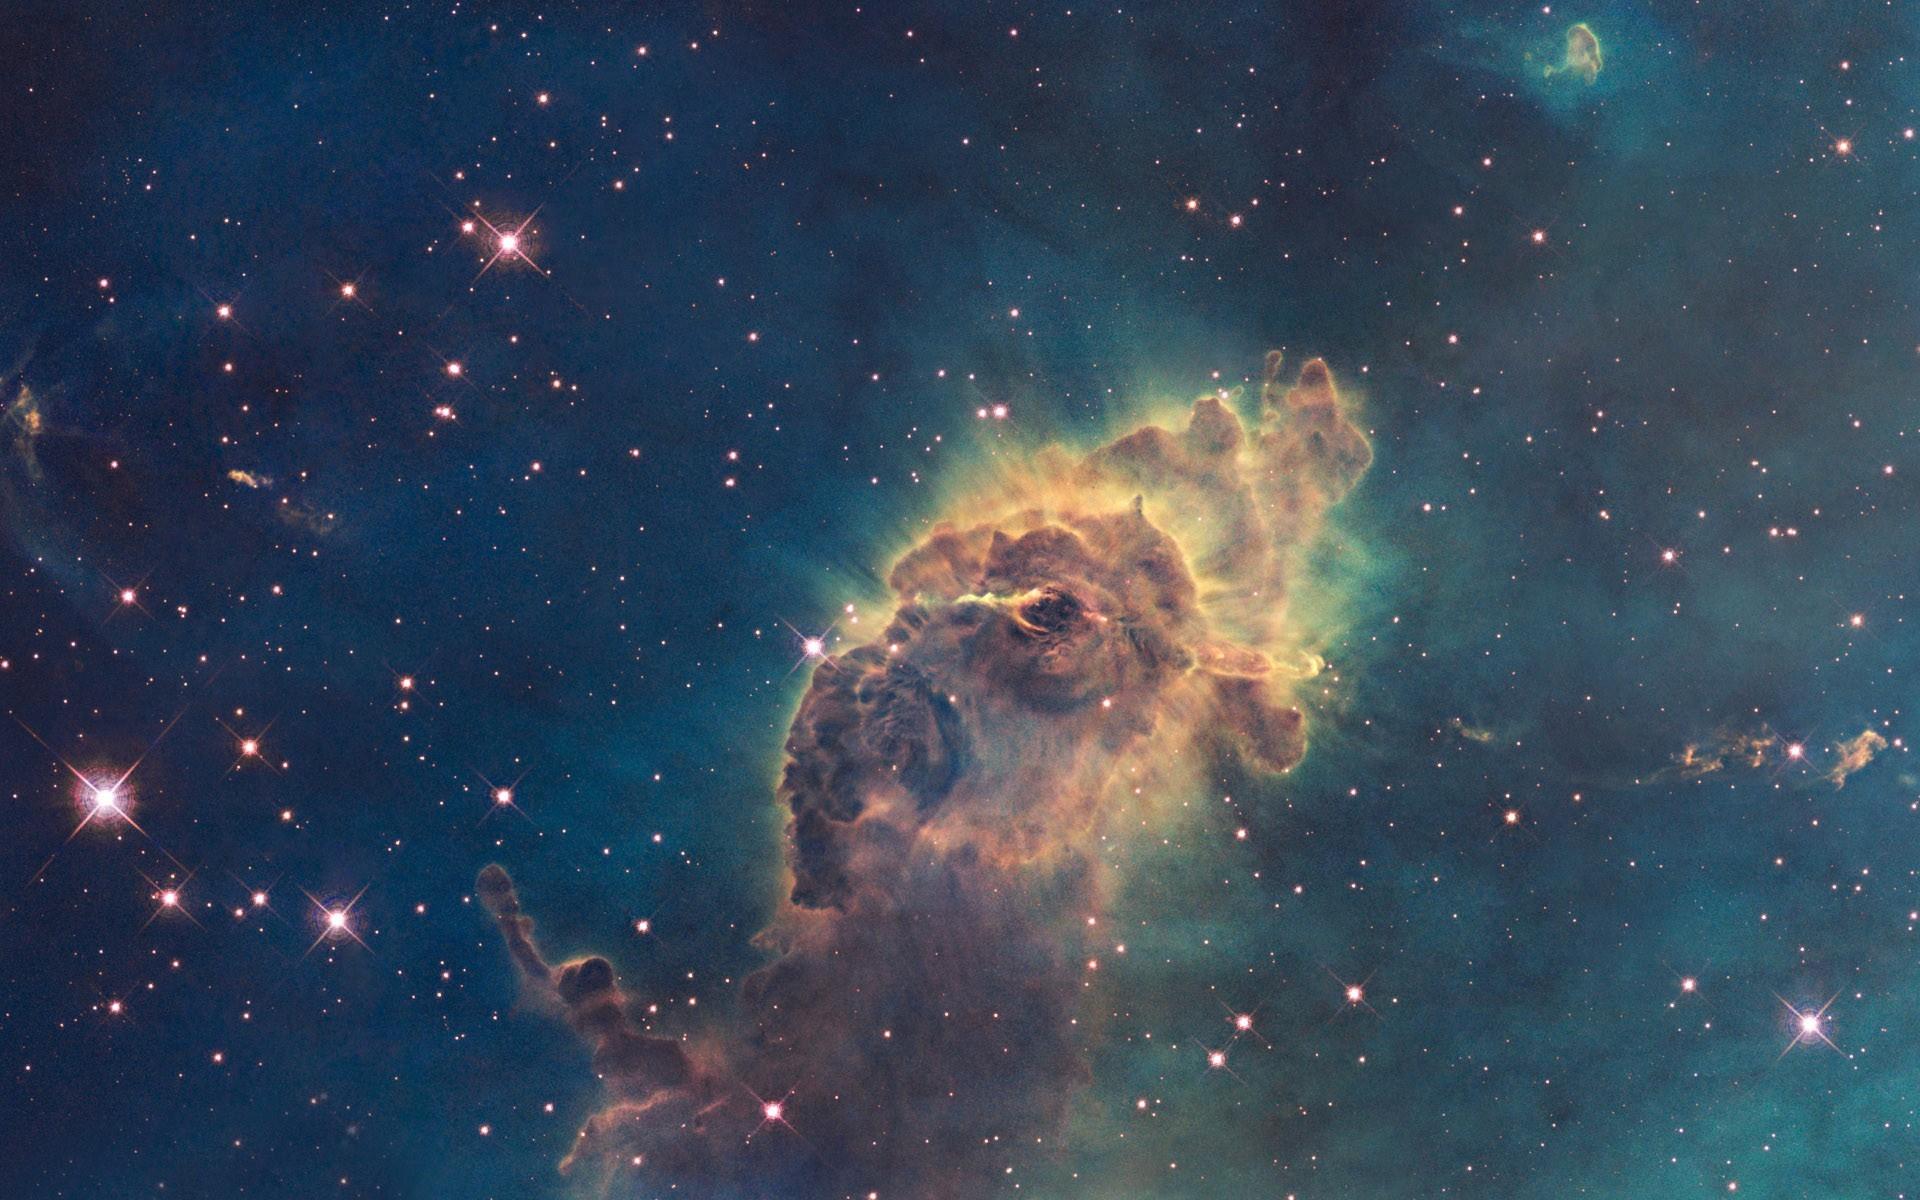 Carina Nebula wallpaper 11816 1920x1200